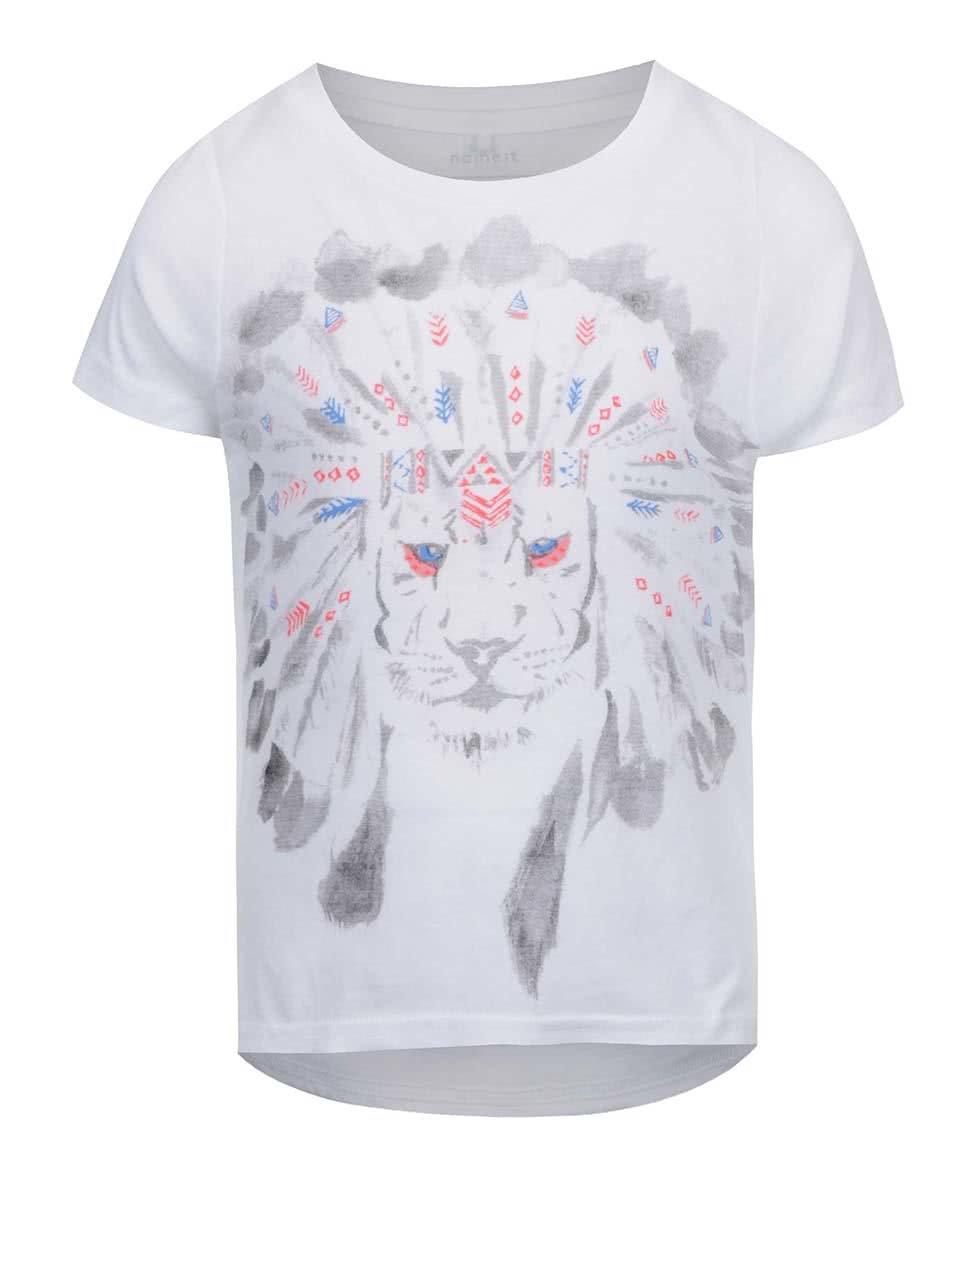 Biele dievčenské tričko s potlačou lva name it Kion